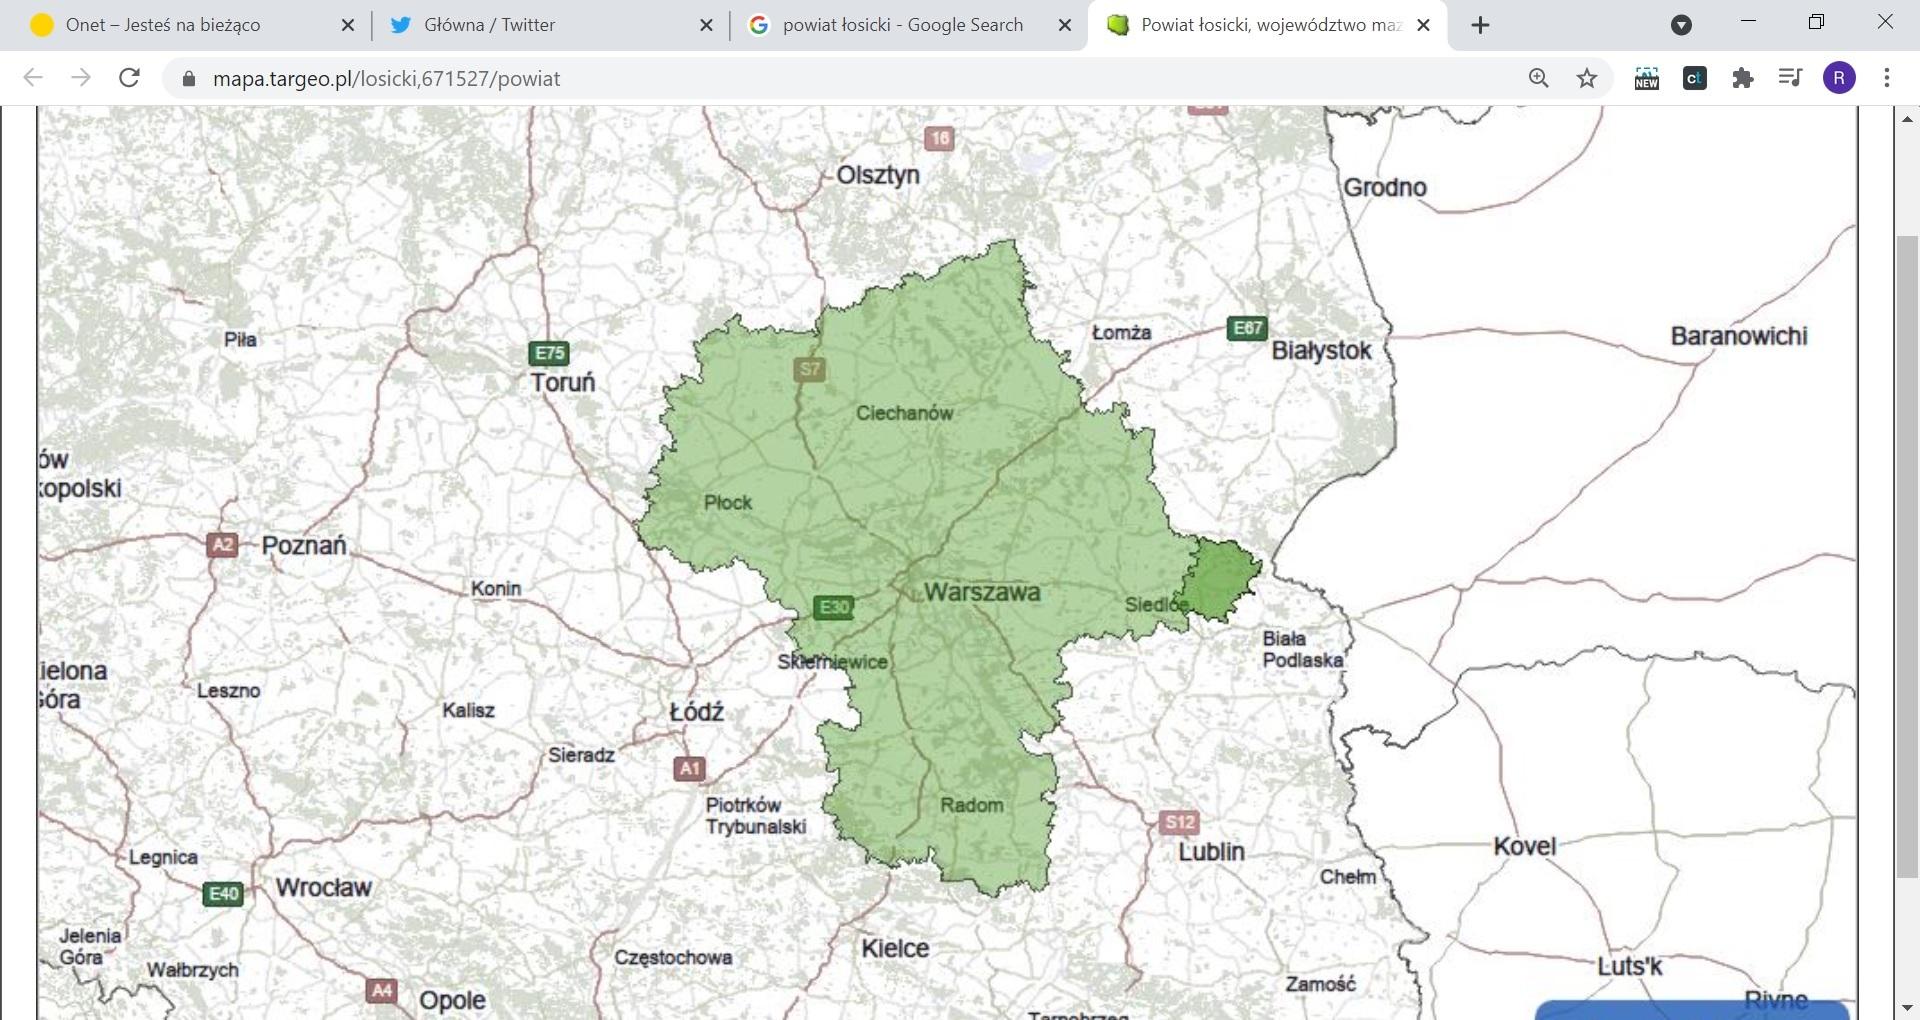 Najdalej wysunięty na wschód województwa mazowieckiego jest powiat łosicki